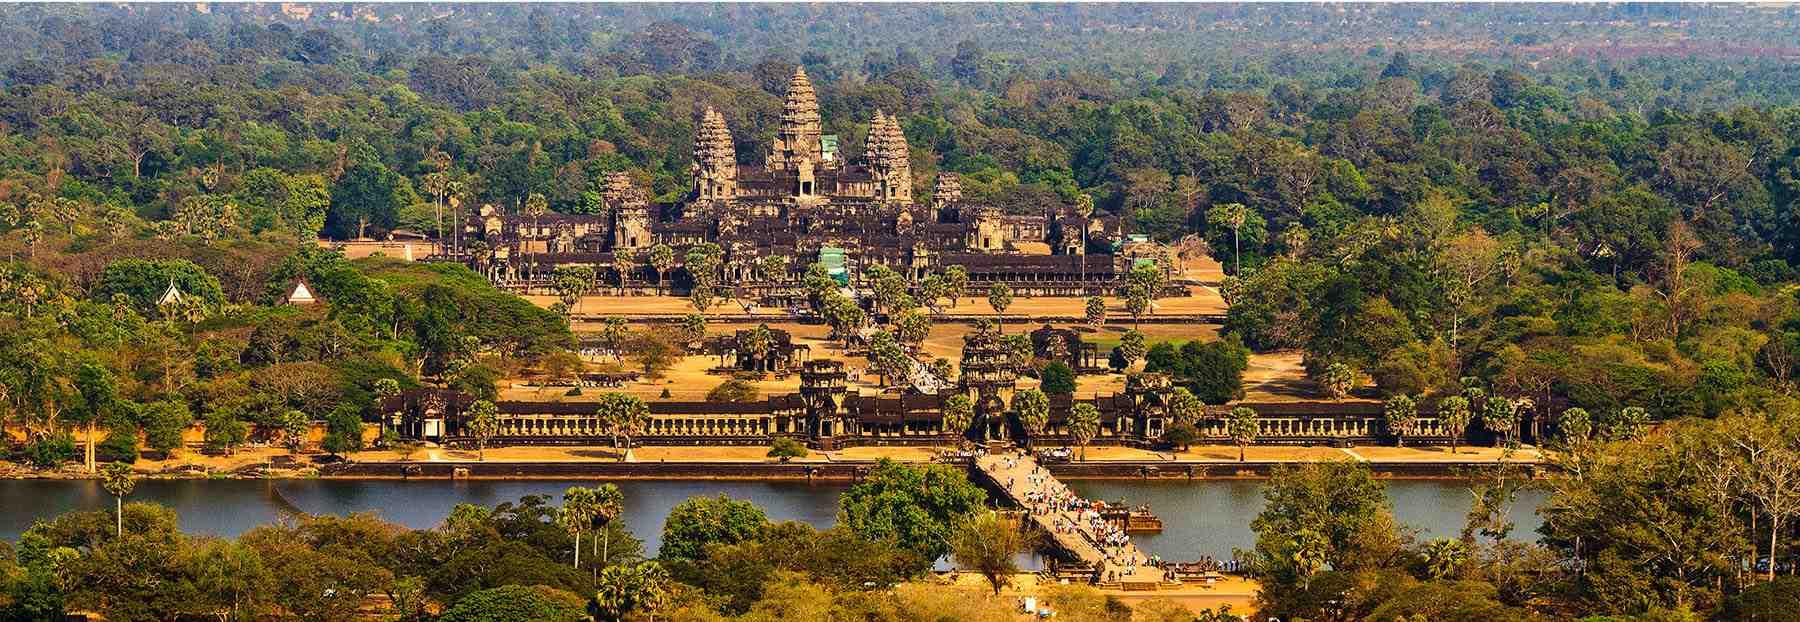 Cambodia Classic Tours